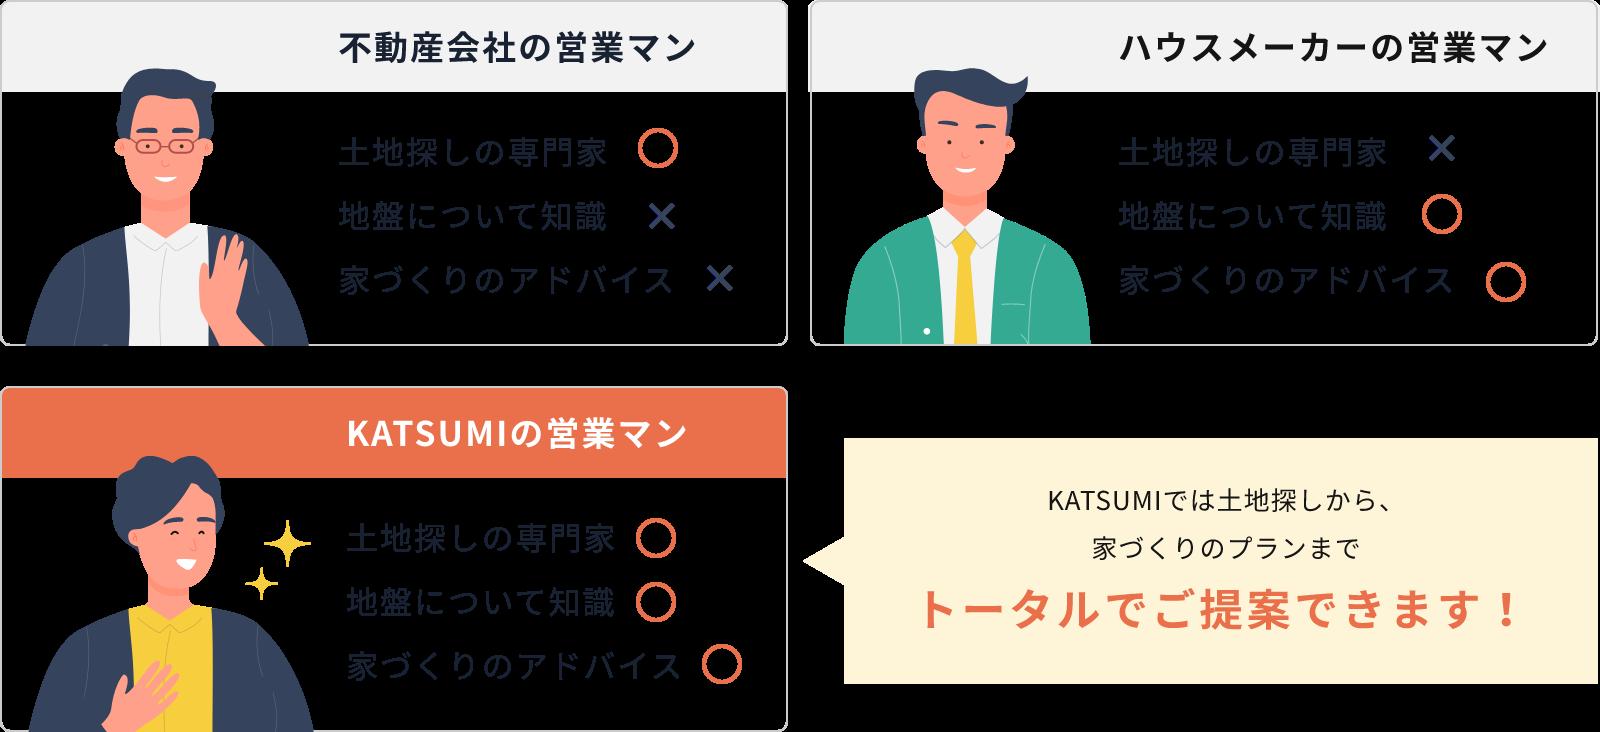 KATSUMIでは土地探しから家づくりのプランまでトータルでご提案できます!